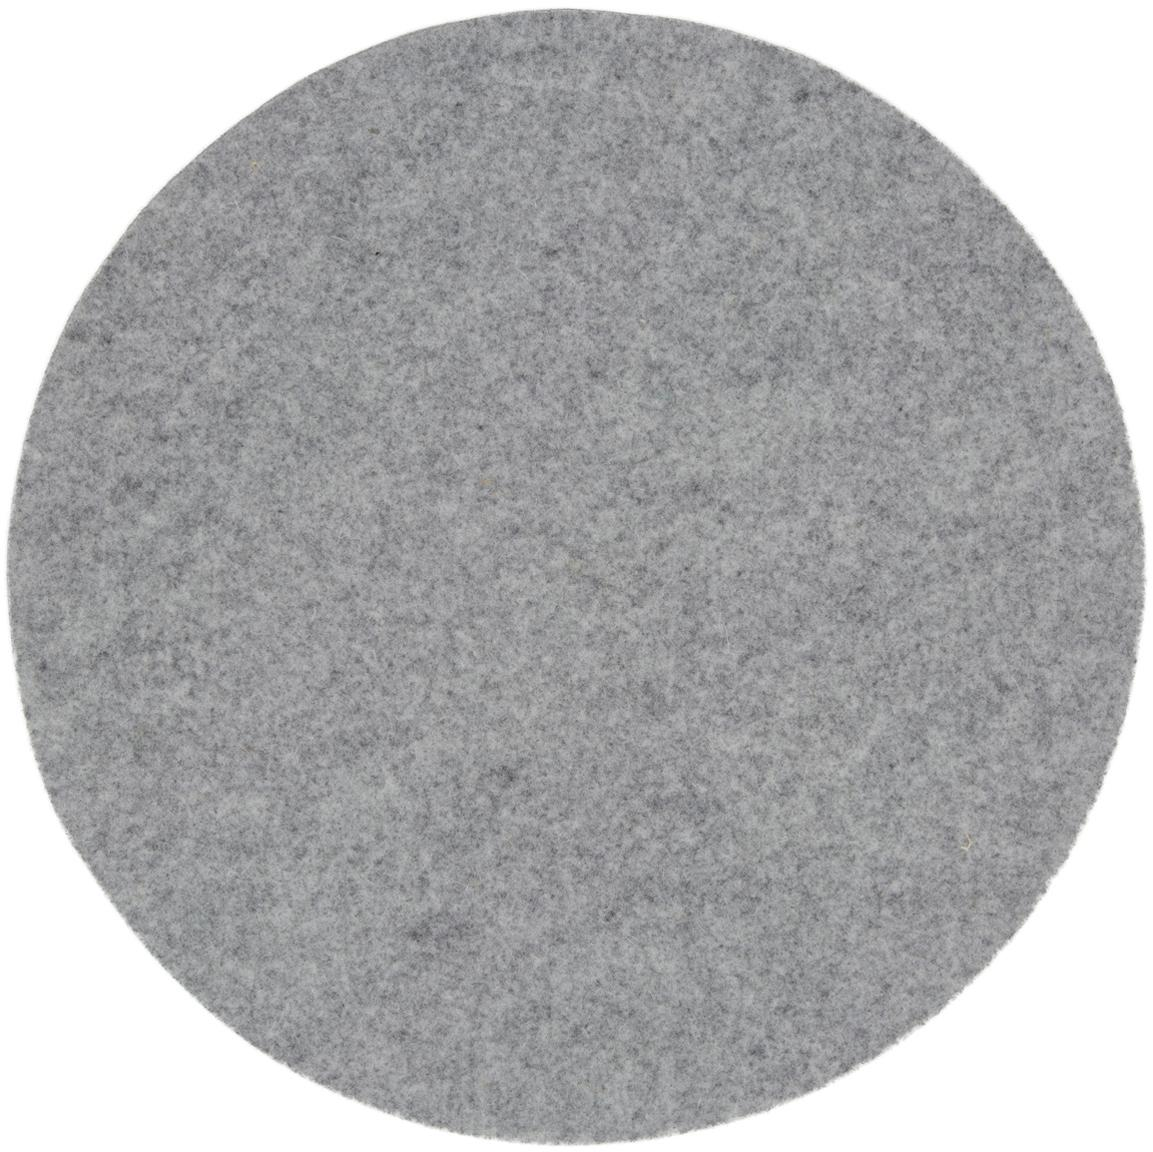 Manteles individuales redondos de fieltro Leandra, 4uds., 90%lana, 10%polietileno, Gris claro, Ø 40 cm